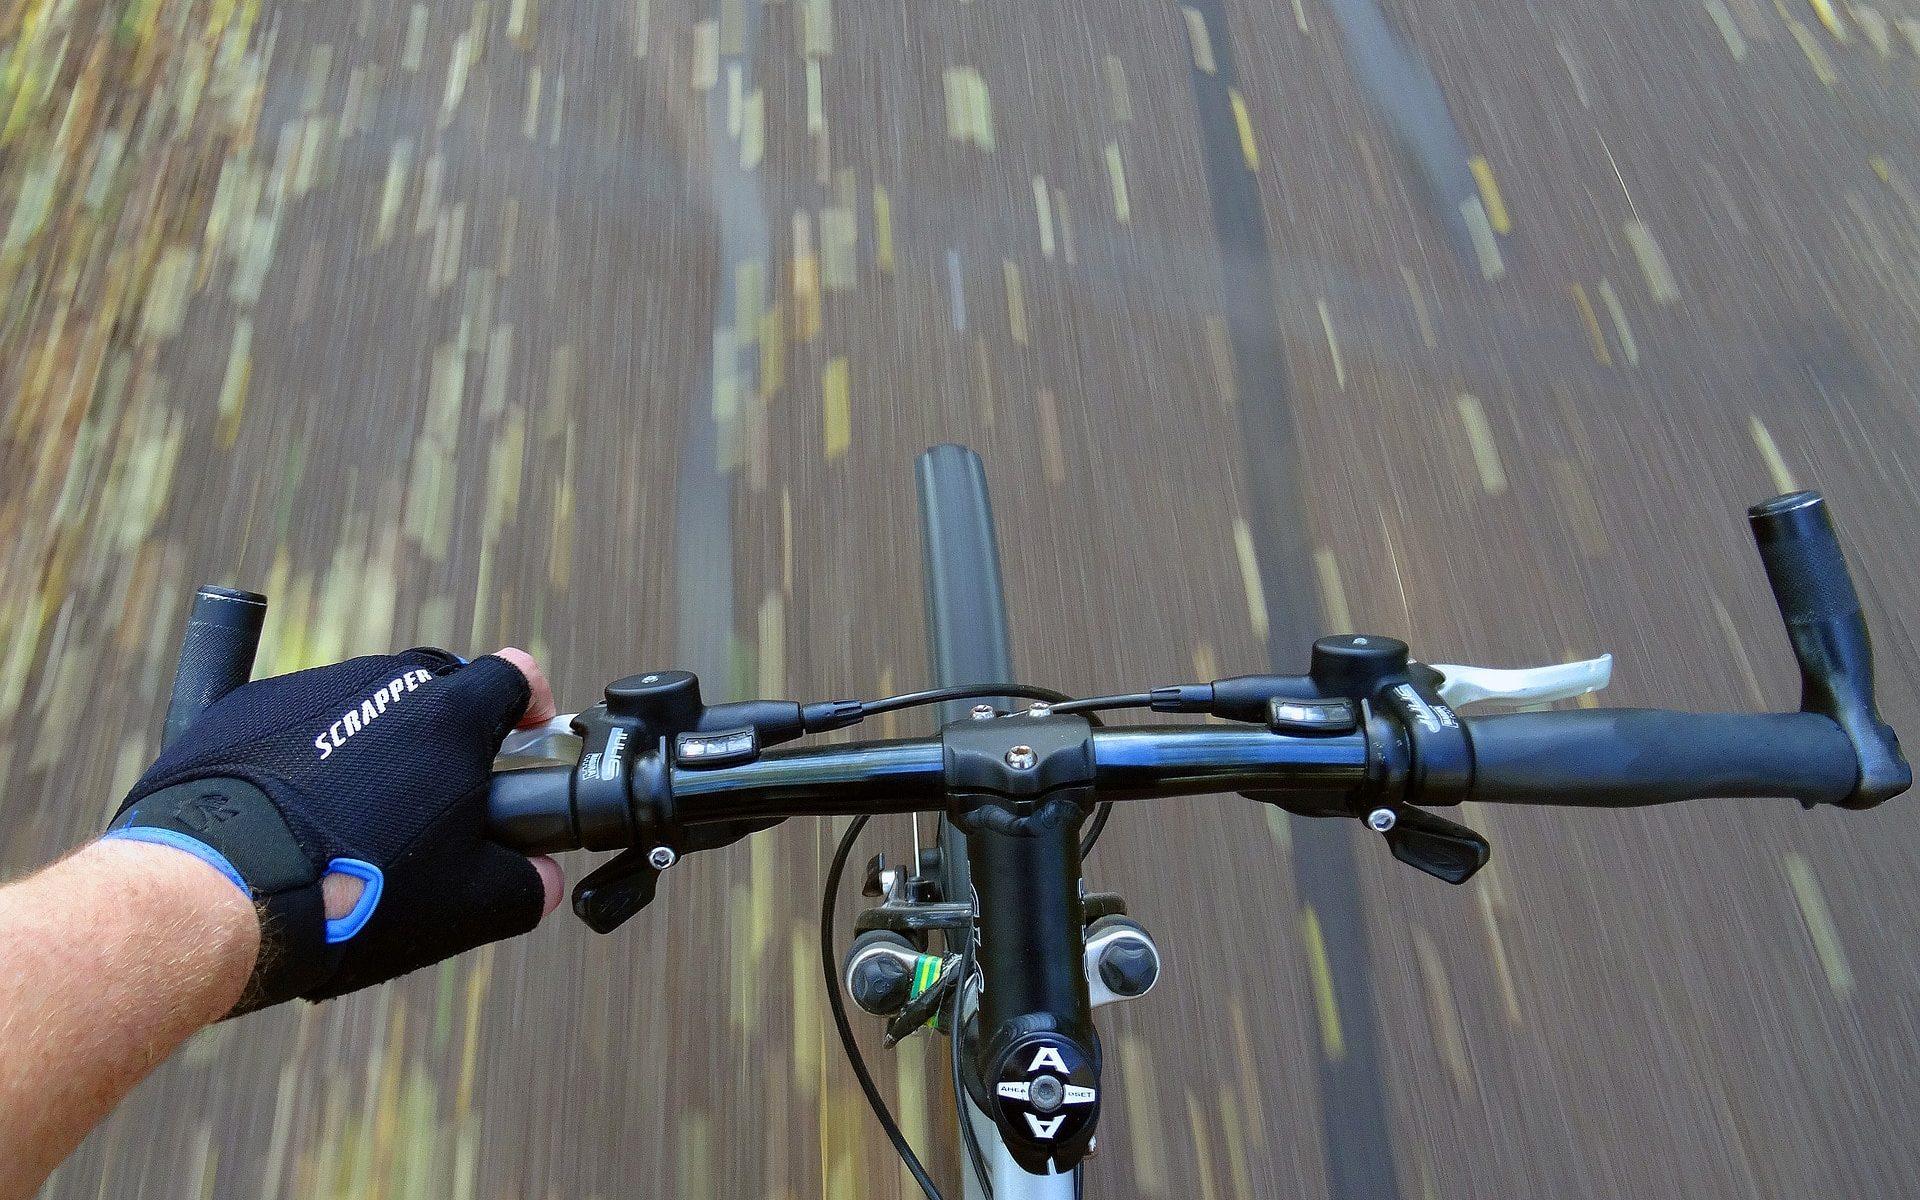 mtb fahrradlenker barends lenkerhörnchen fahrradlenker